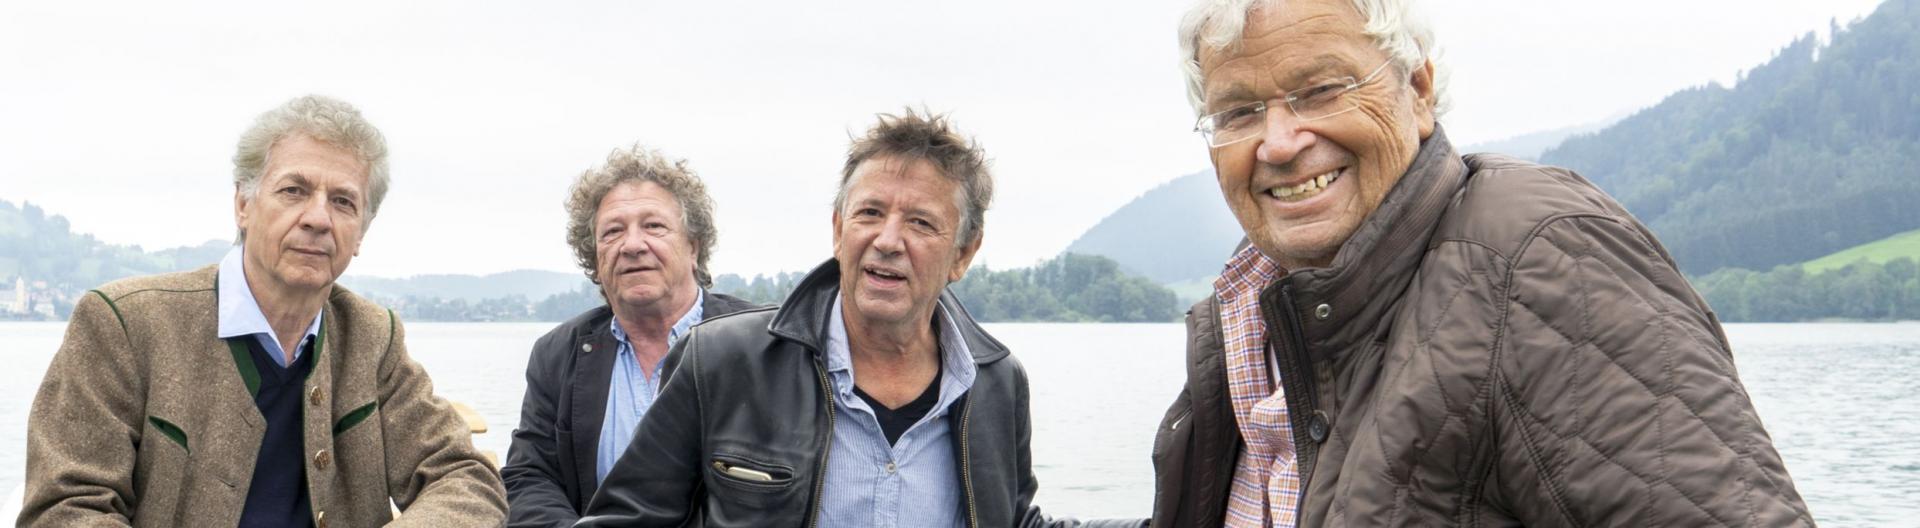 Gerhard Polt & Well-Brüder